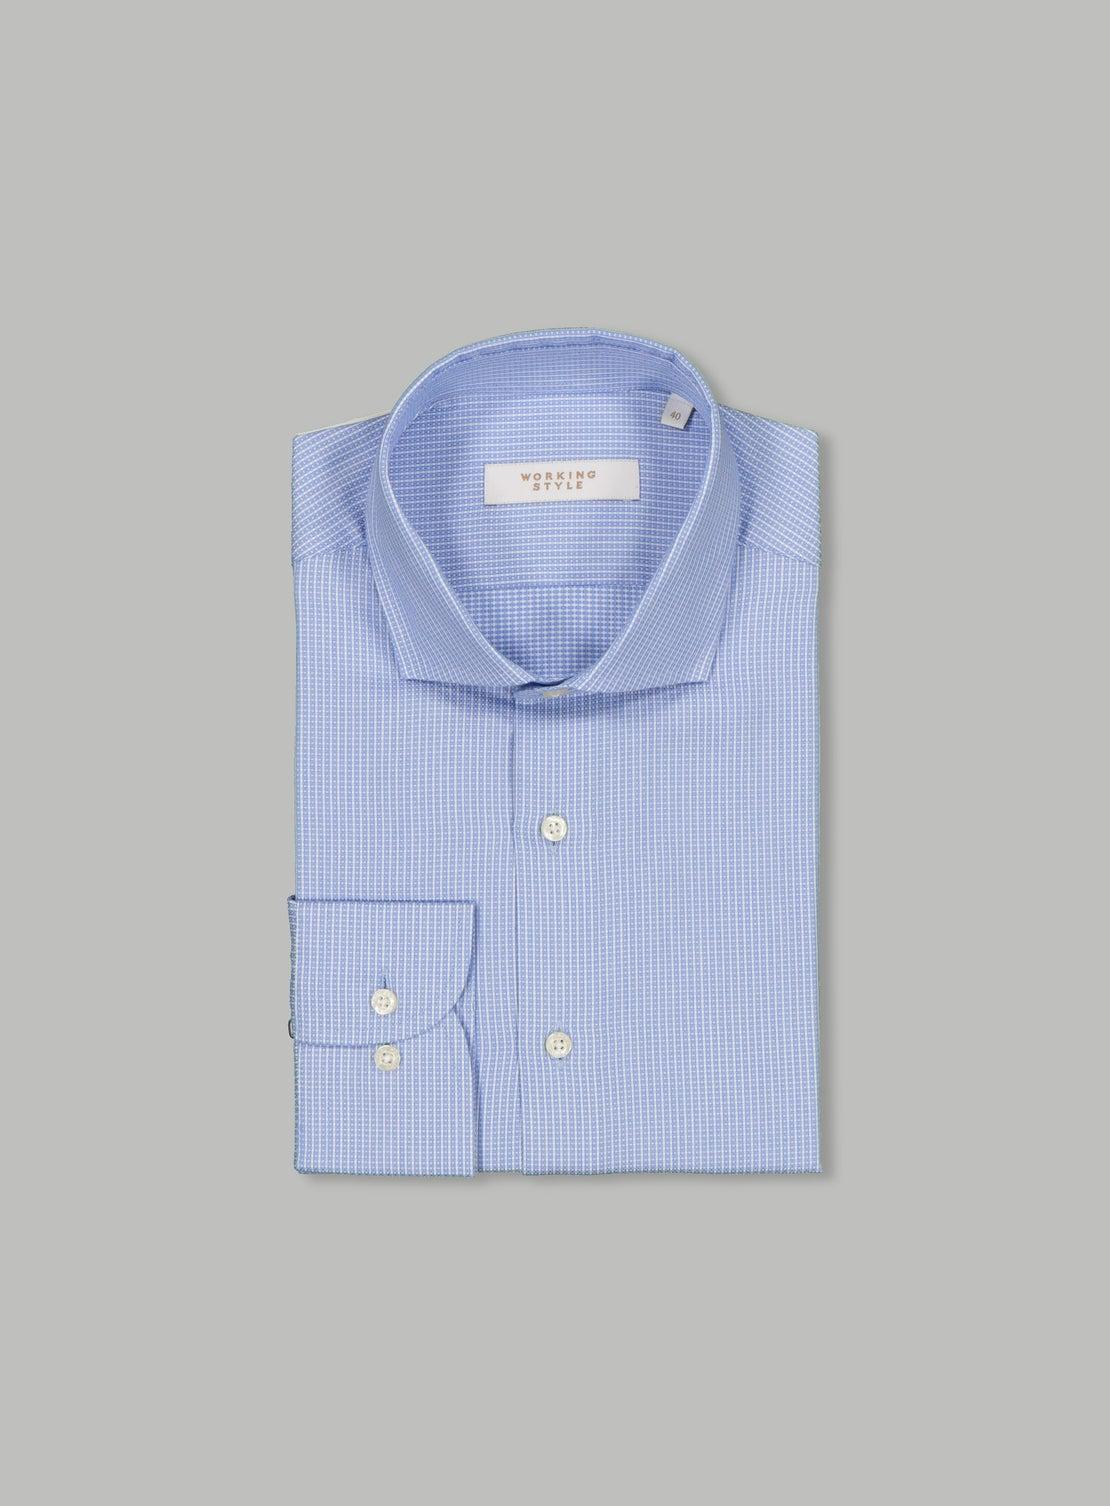 Blue White Check Shirt